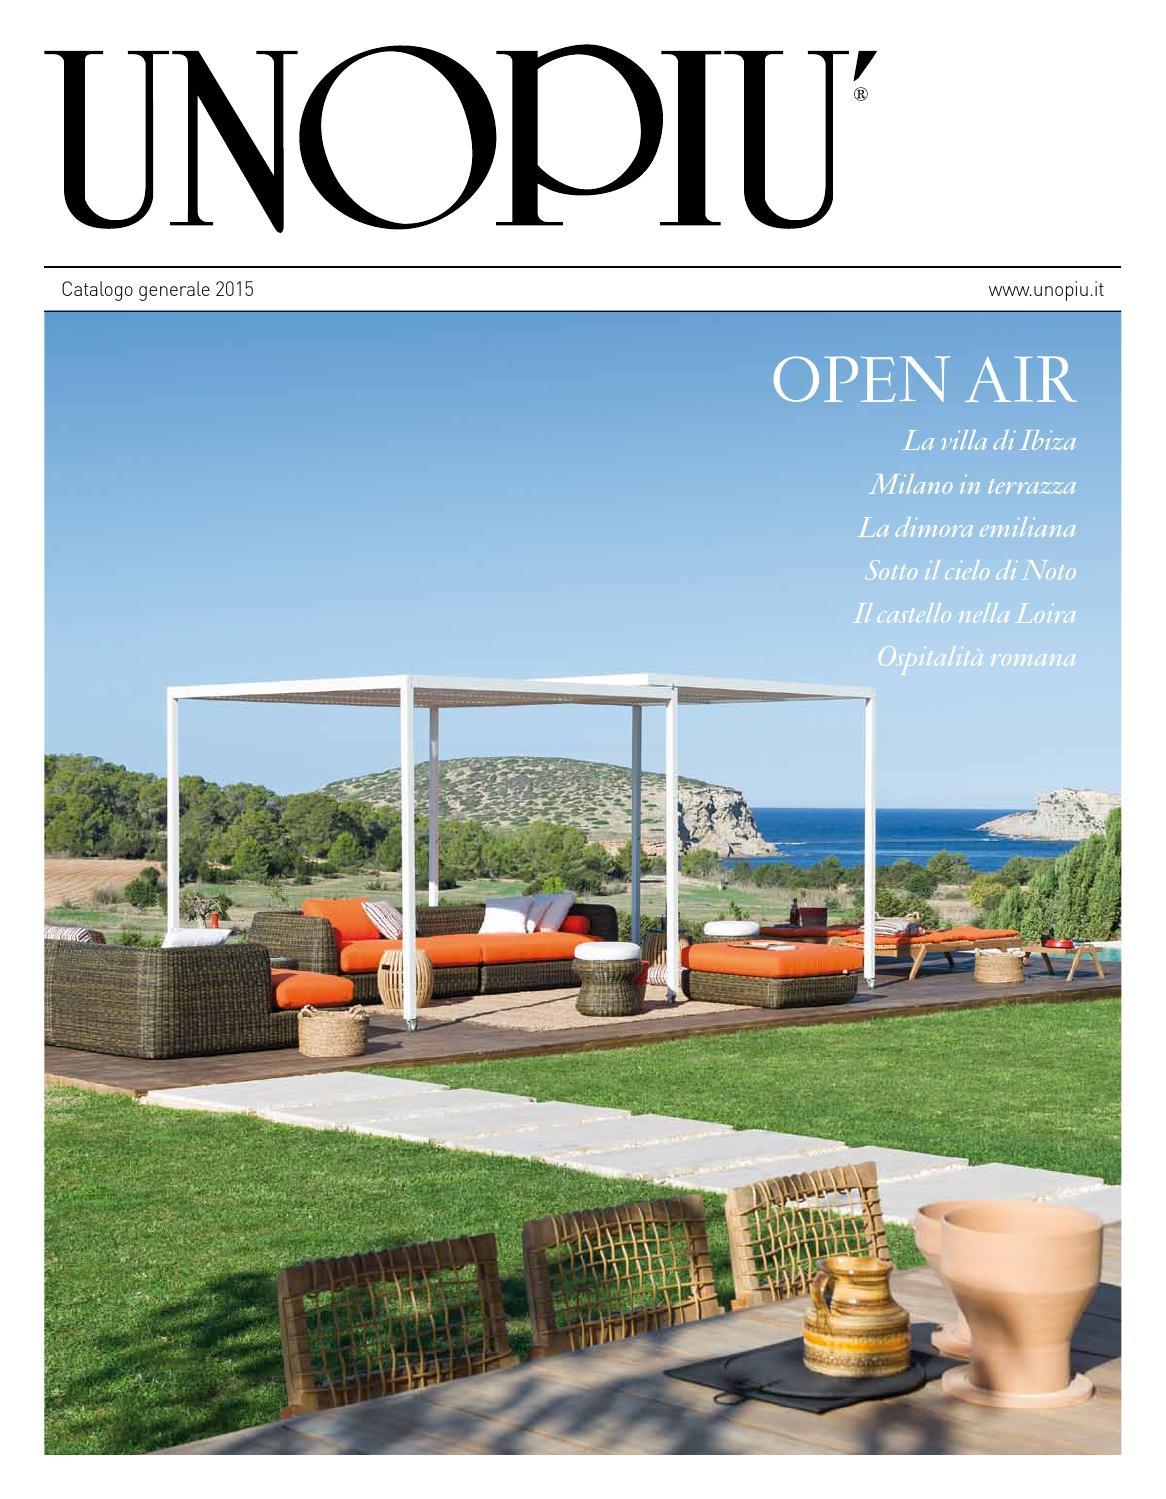 unopiù - catalogo generale 2015 by unopiù spa - issuu - Gazebo Unico Progetta Impresa Stecca Balaustra